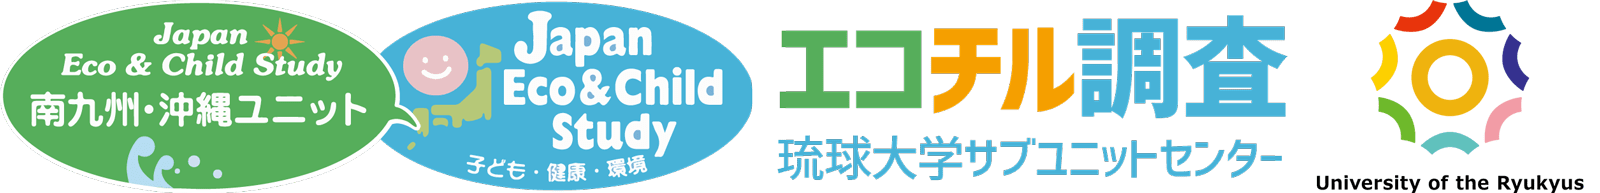 エコチル調査 琉球大学サブユニットセンター|⼦どもの健康と環境に関する全国調査(エコチル調査)